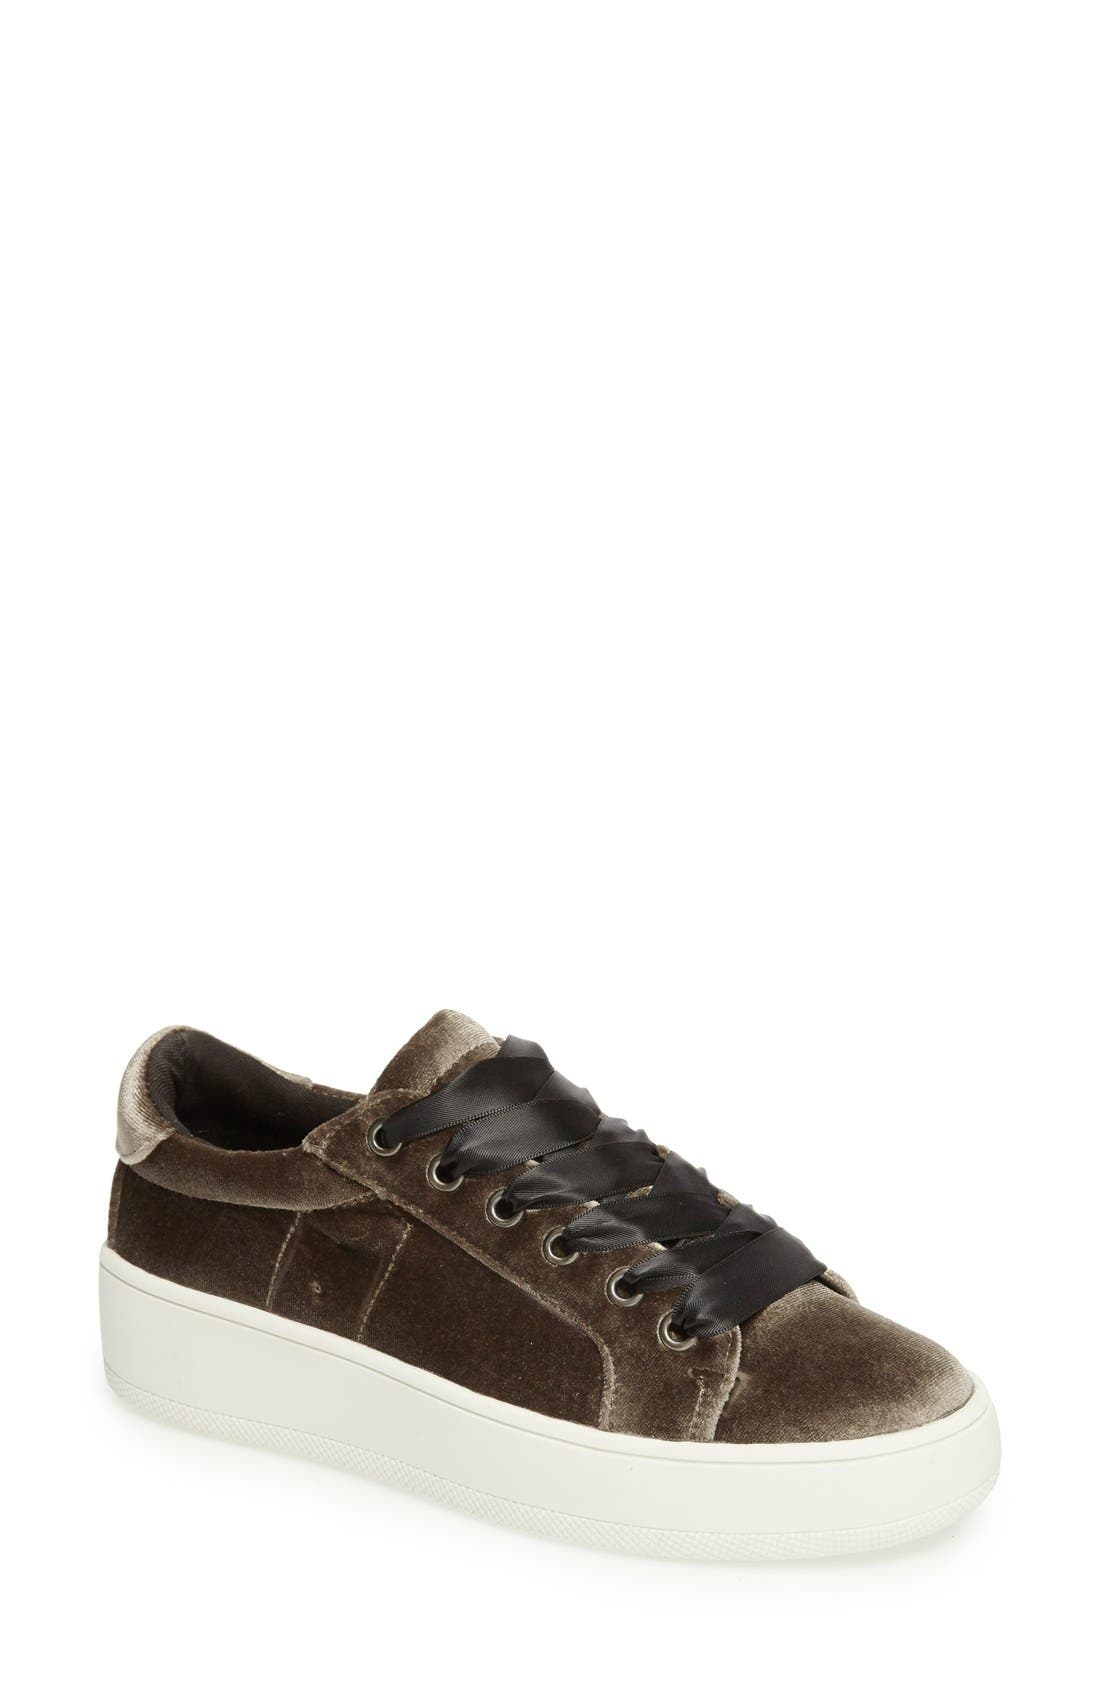 Alternate Image 1 Selected - Steve Madden Bertie-V Platform Sneaker (Women)